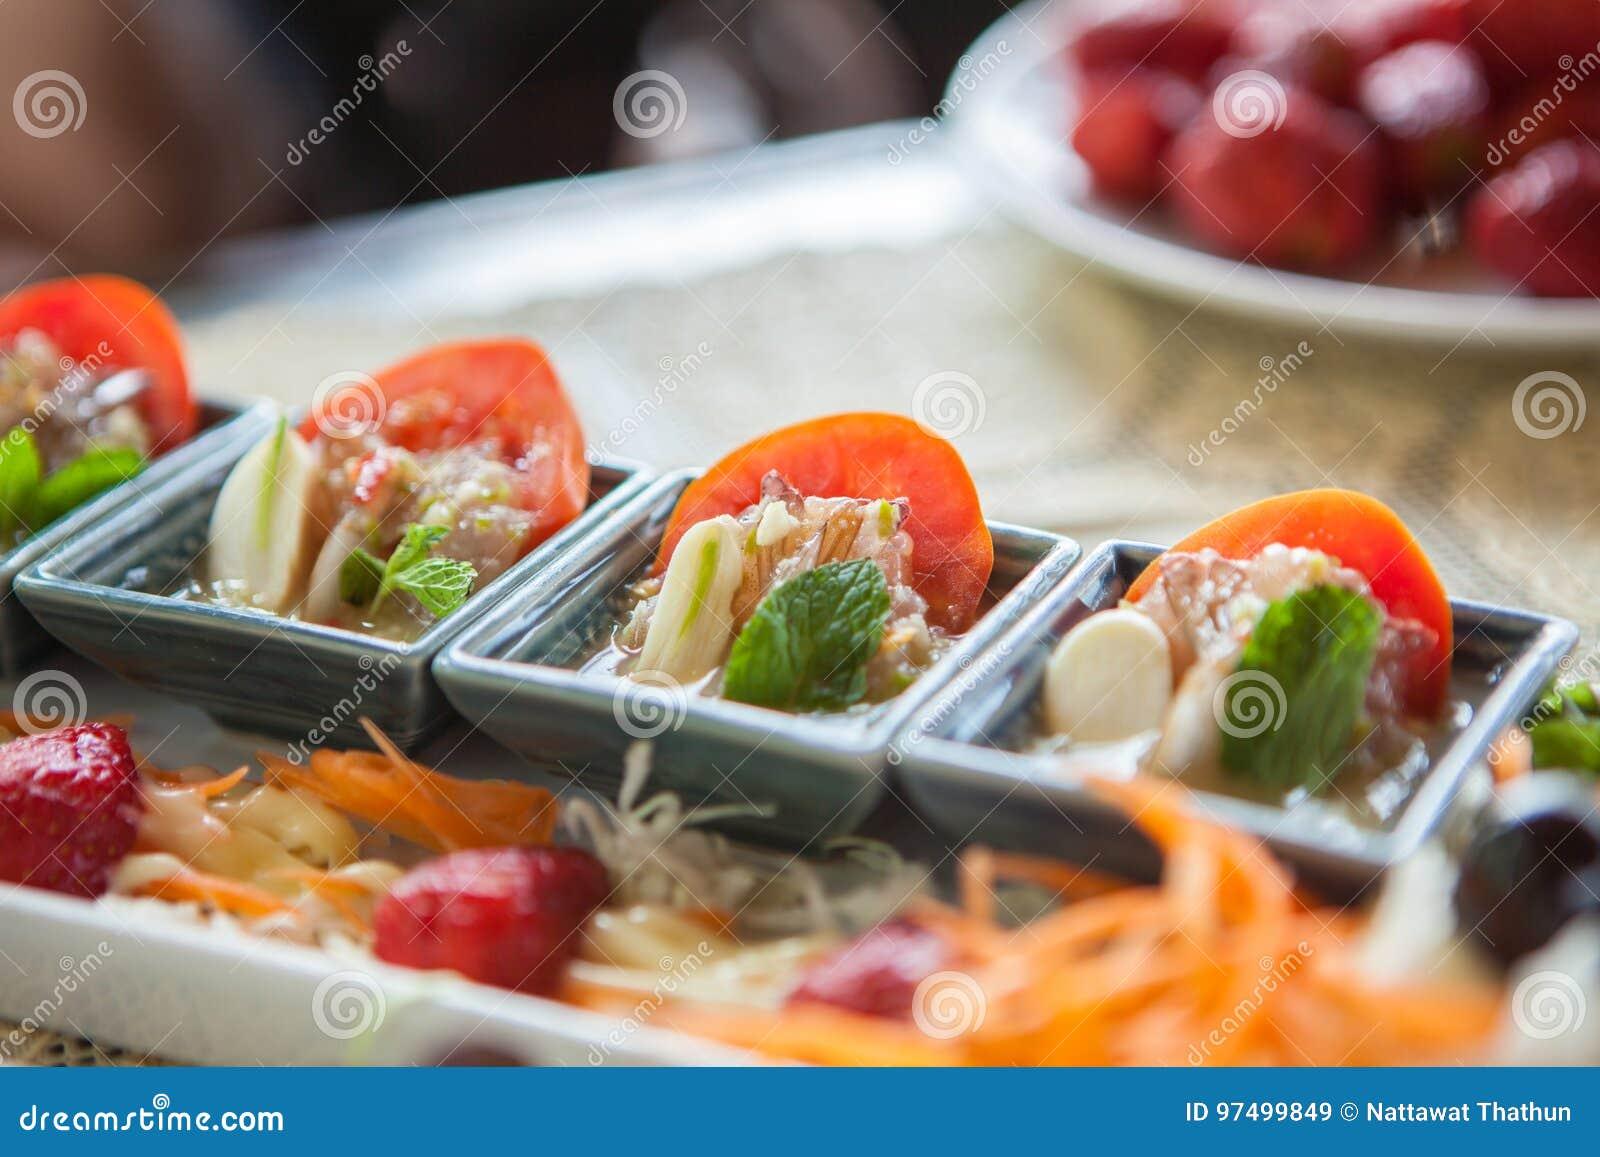 Gamberetto piccante dell insalata in salsa di pesce